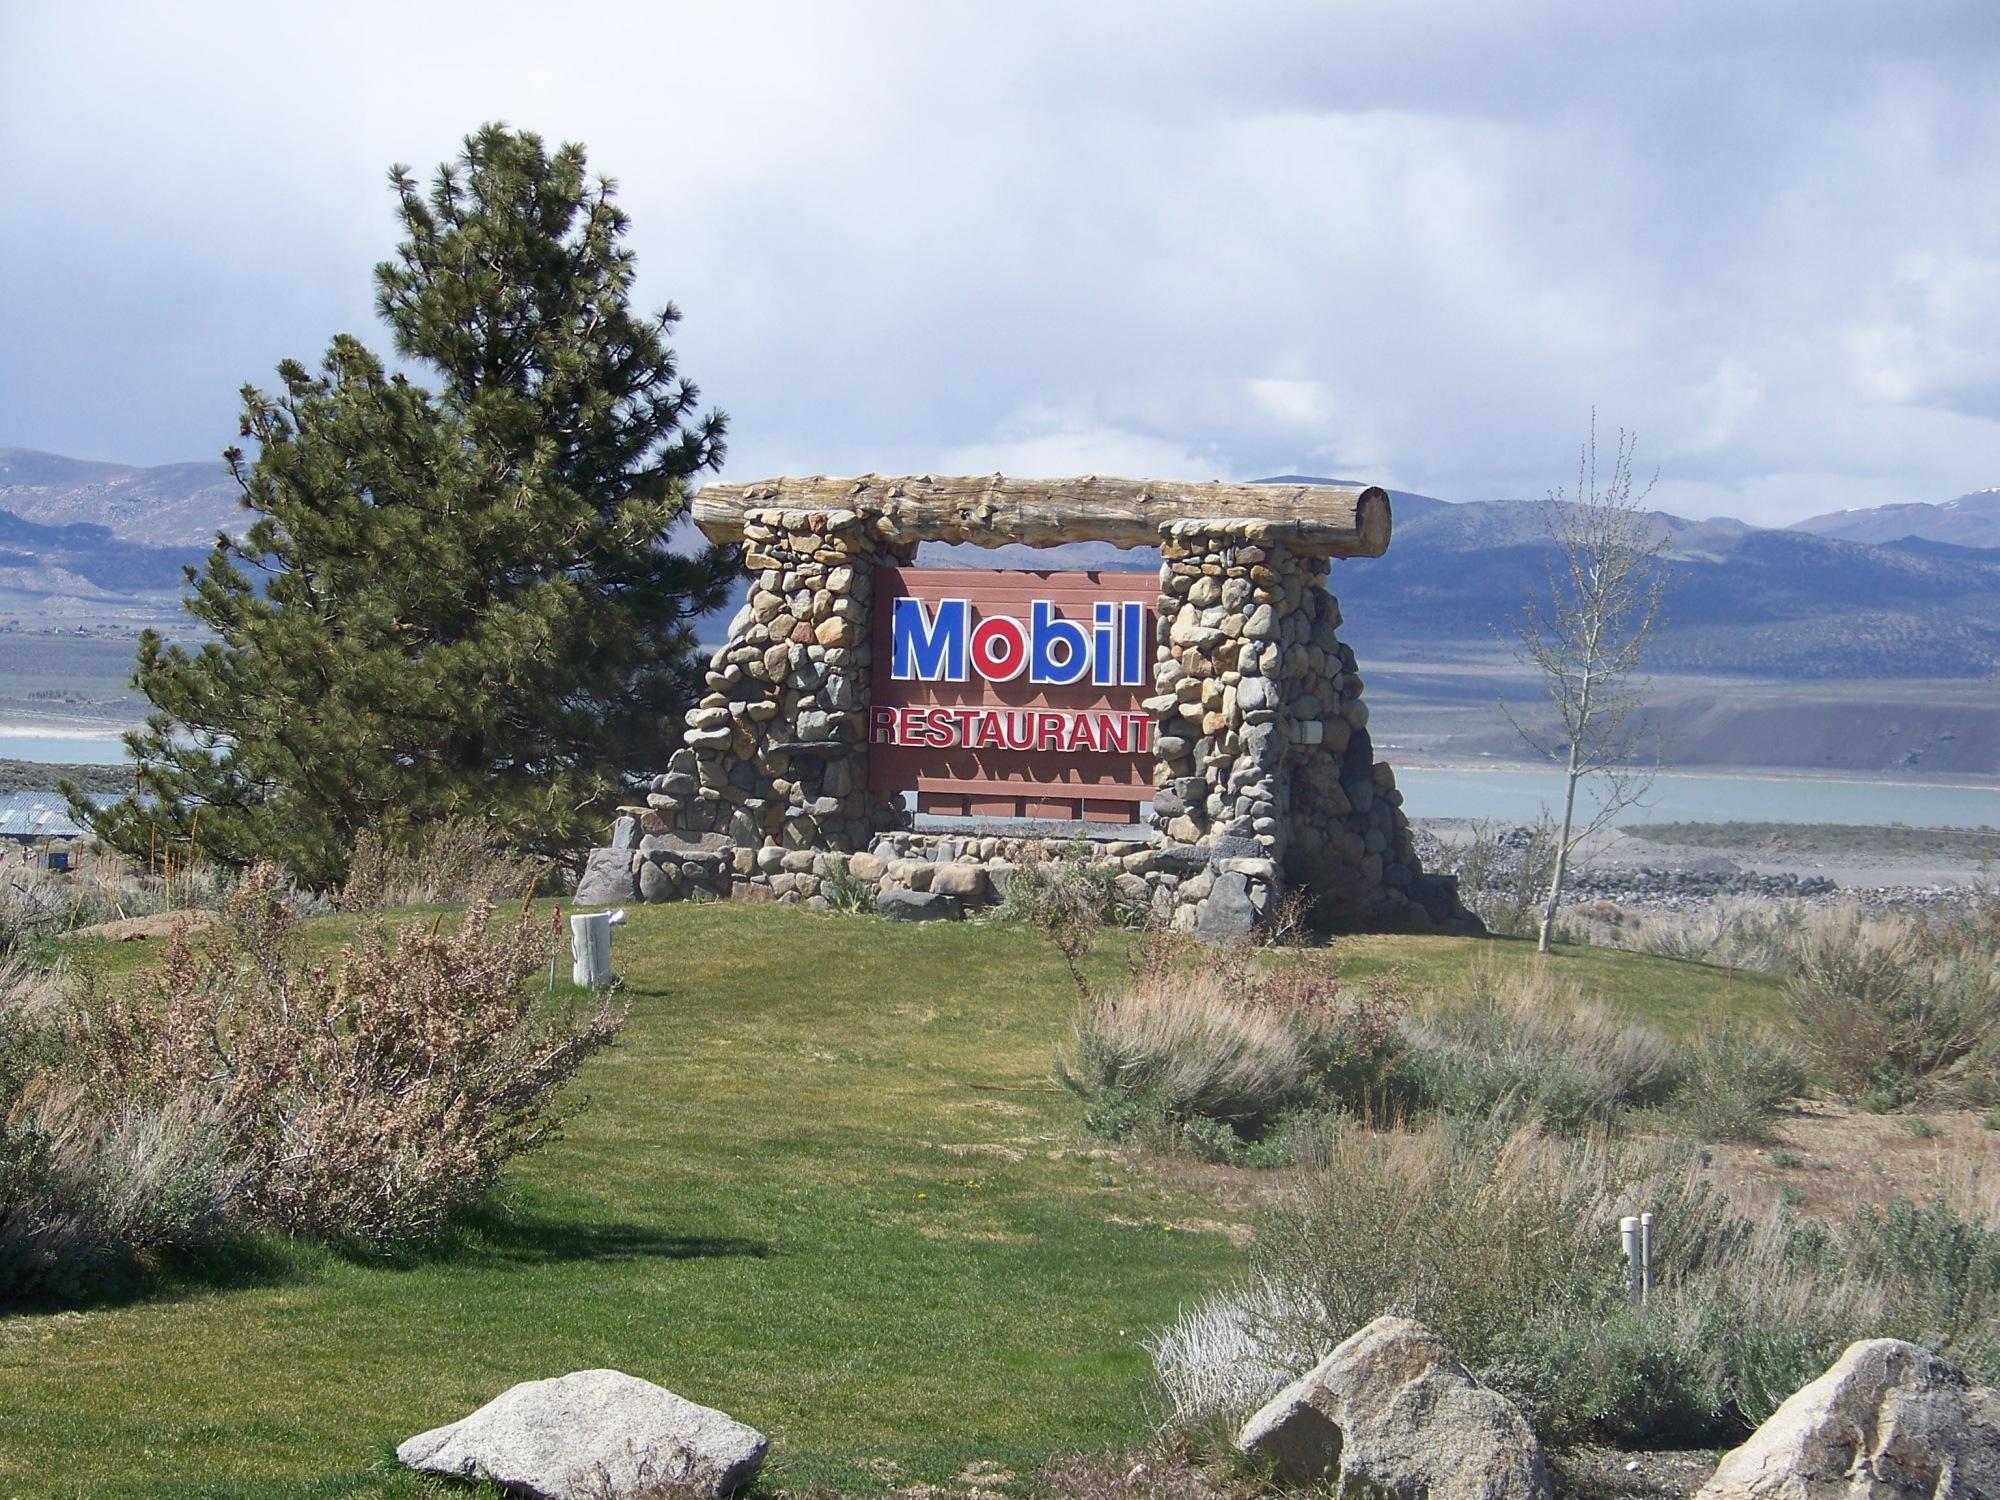 Tioga Gas and Whoa Nellie Deli sign mono lake california